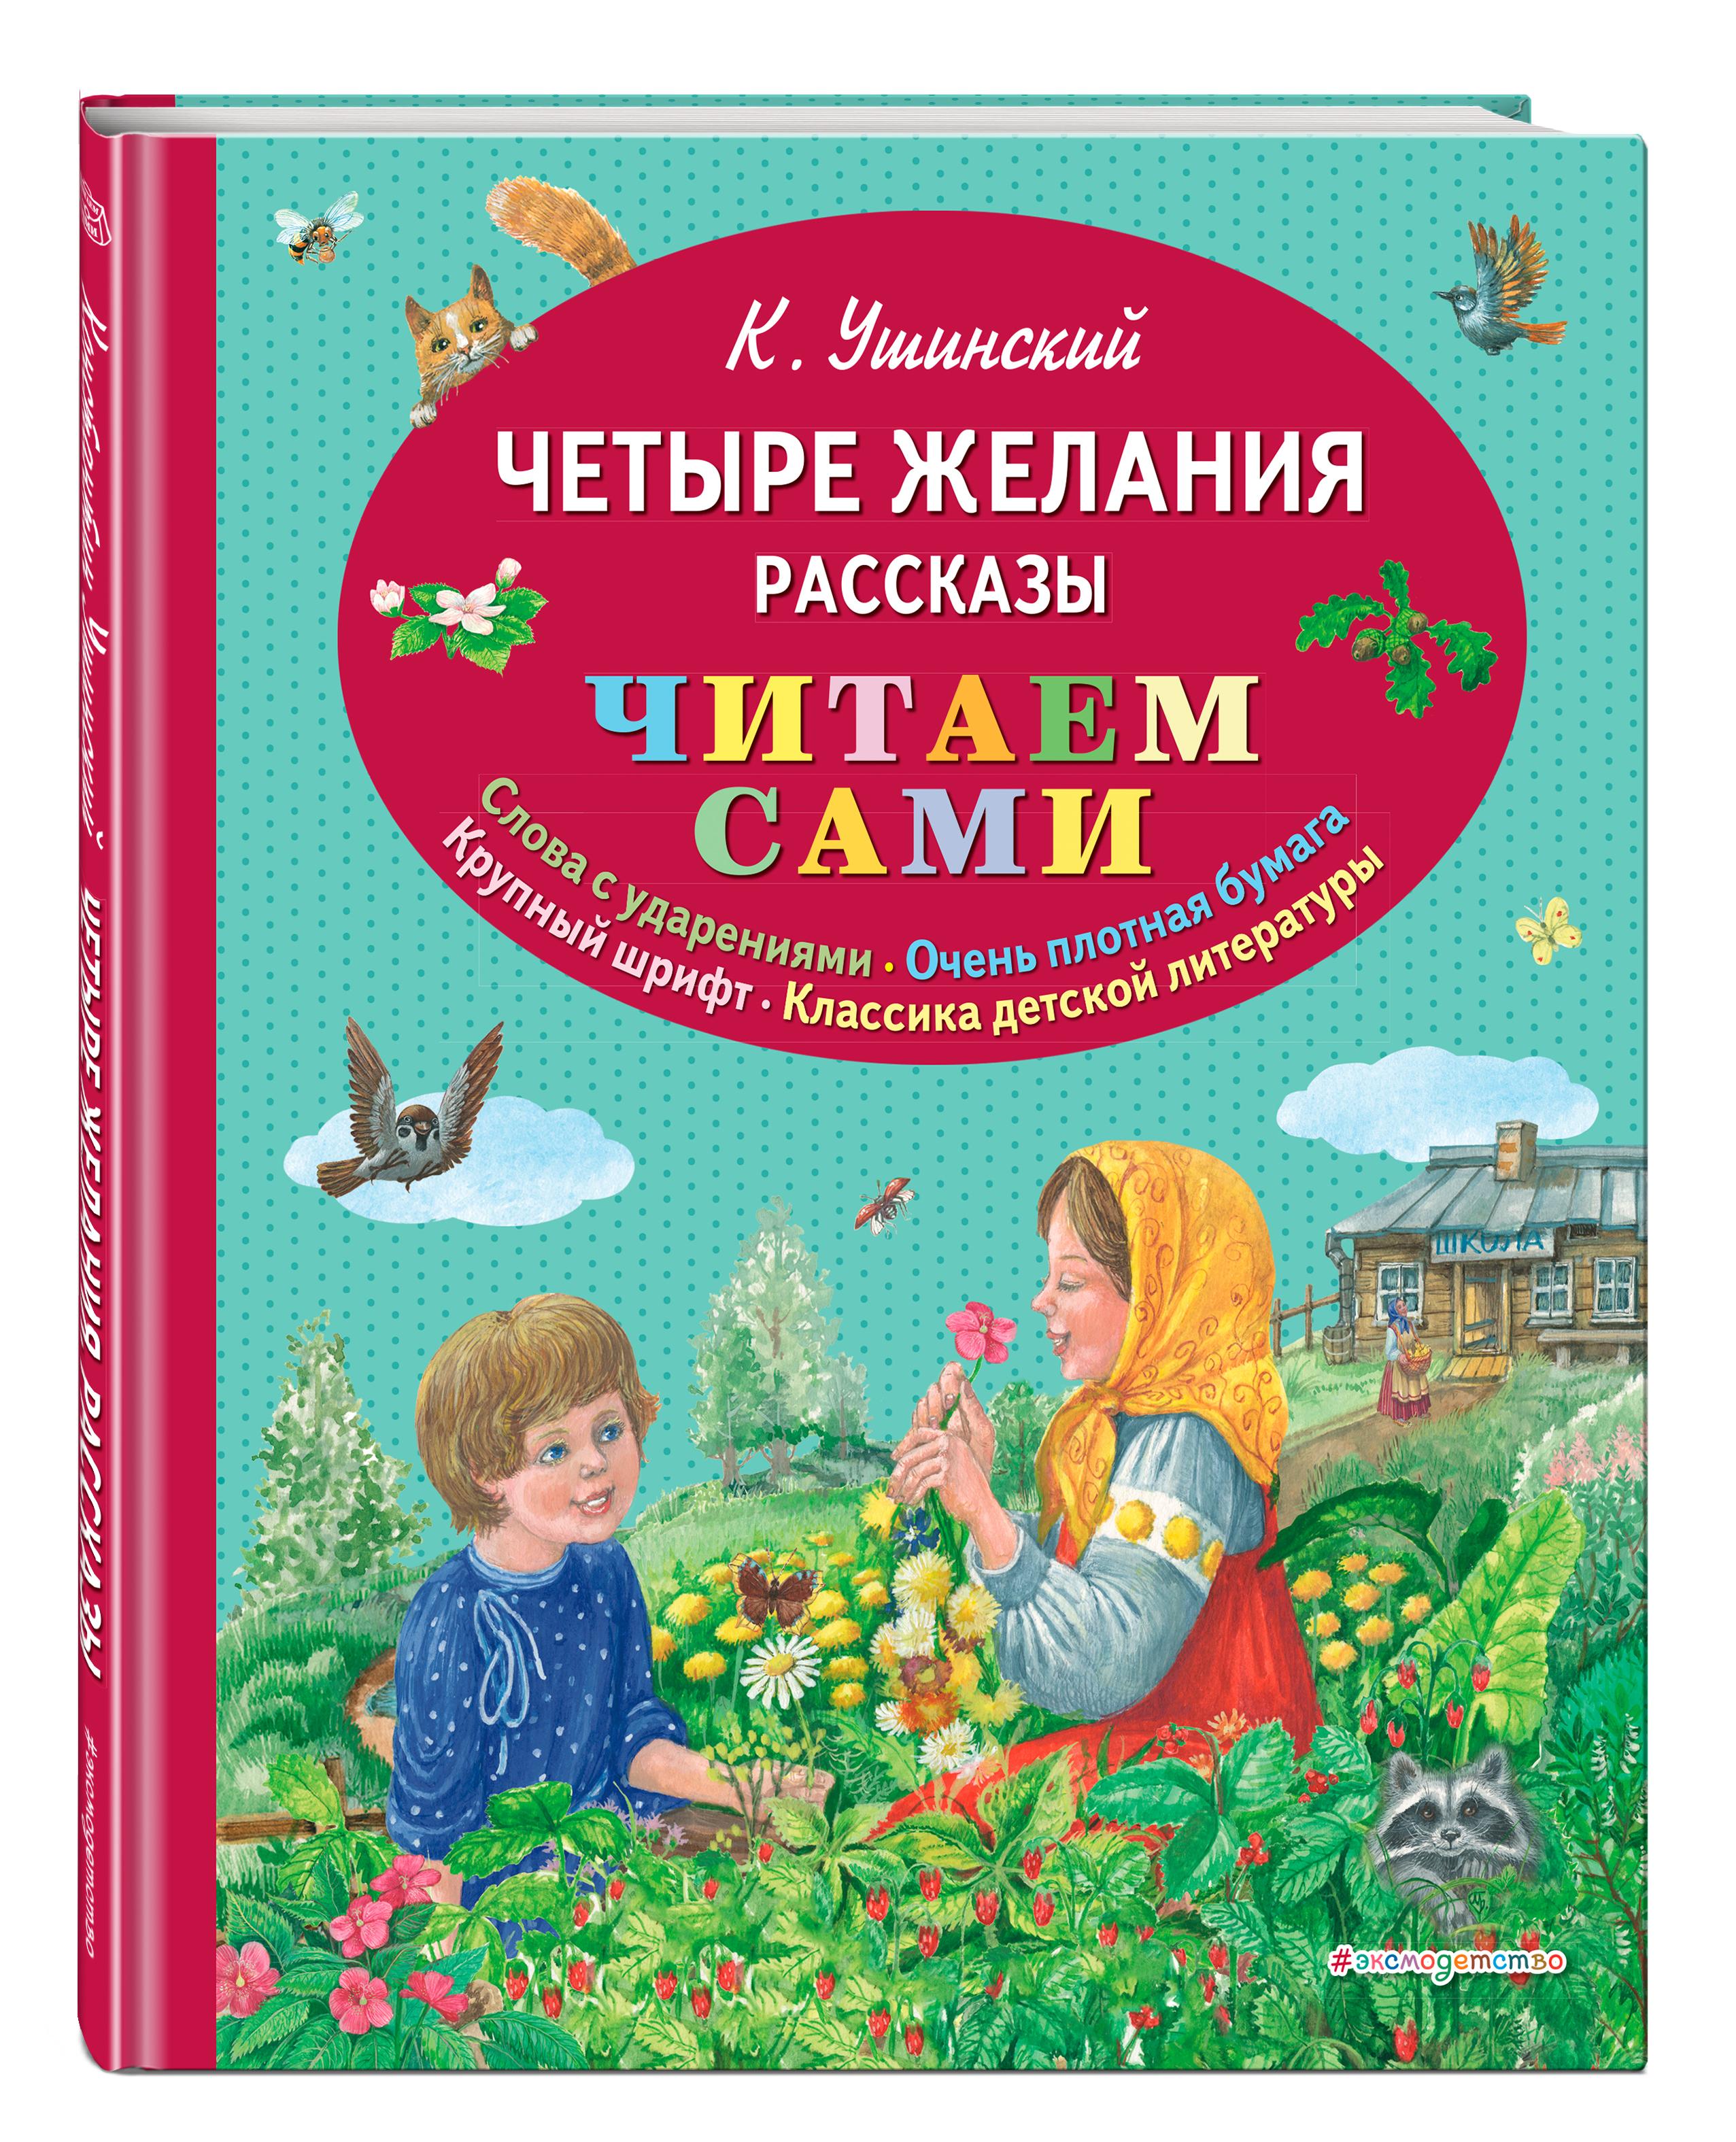 Константин Ушинский Четыре желания. Рассказы ласточка